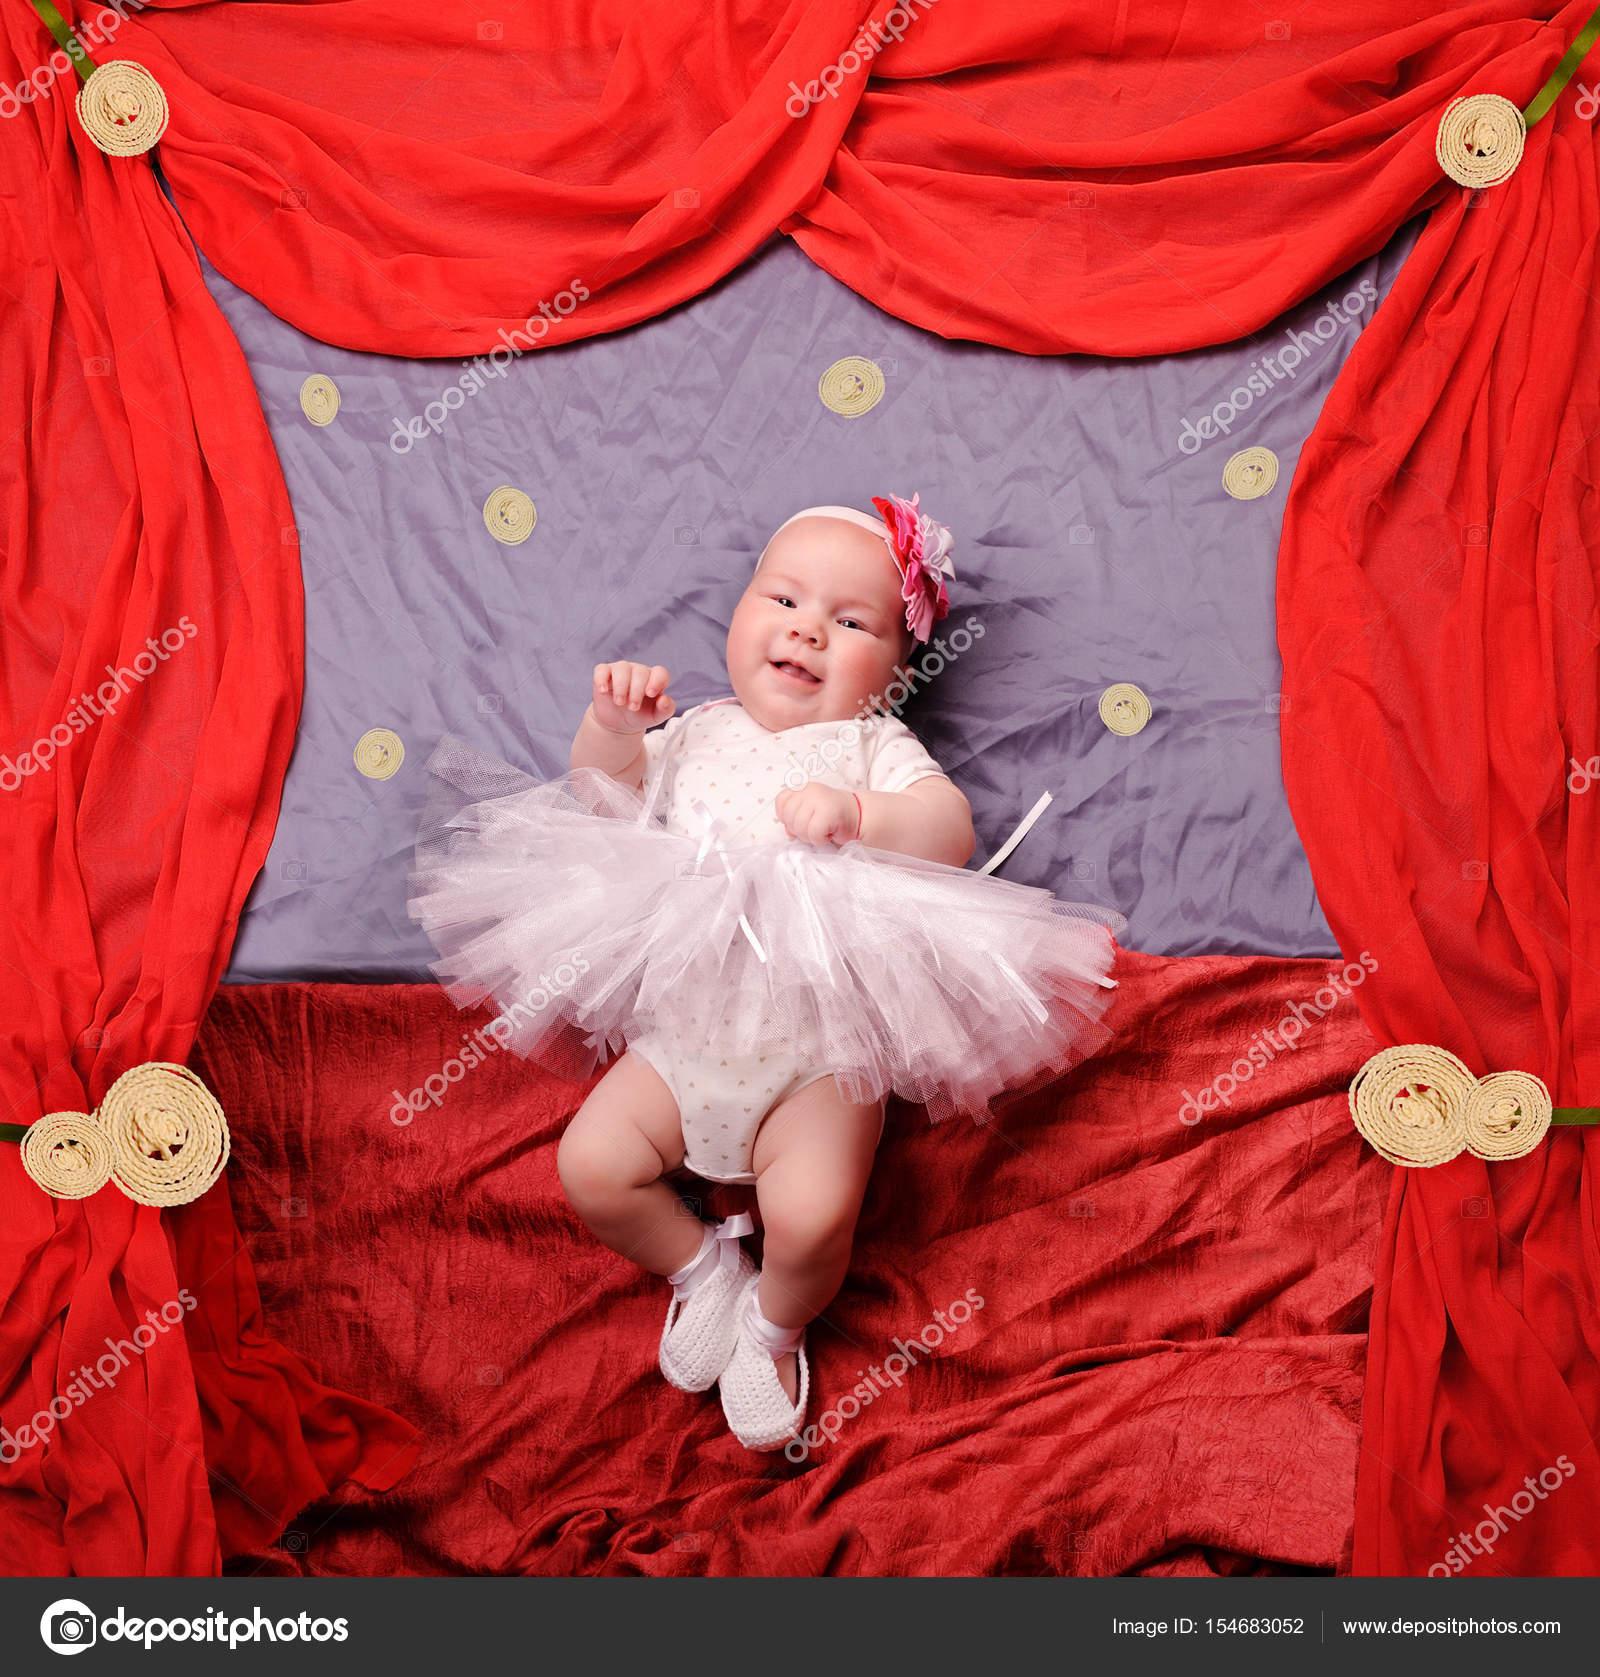 Neonata Infantile Indossa Bianco Ballerina Tutu E Scarpette All